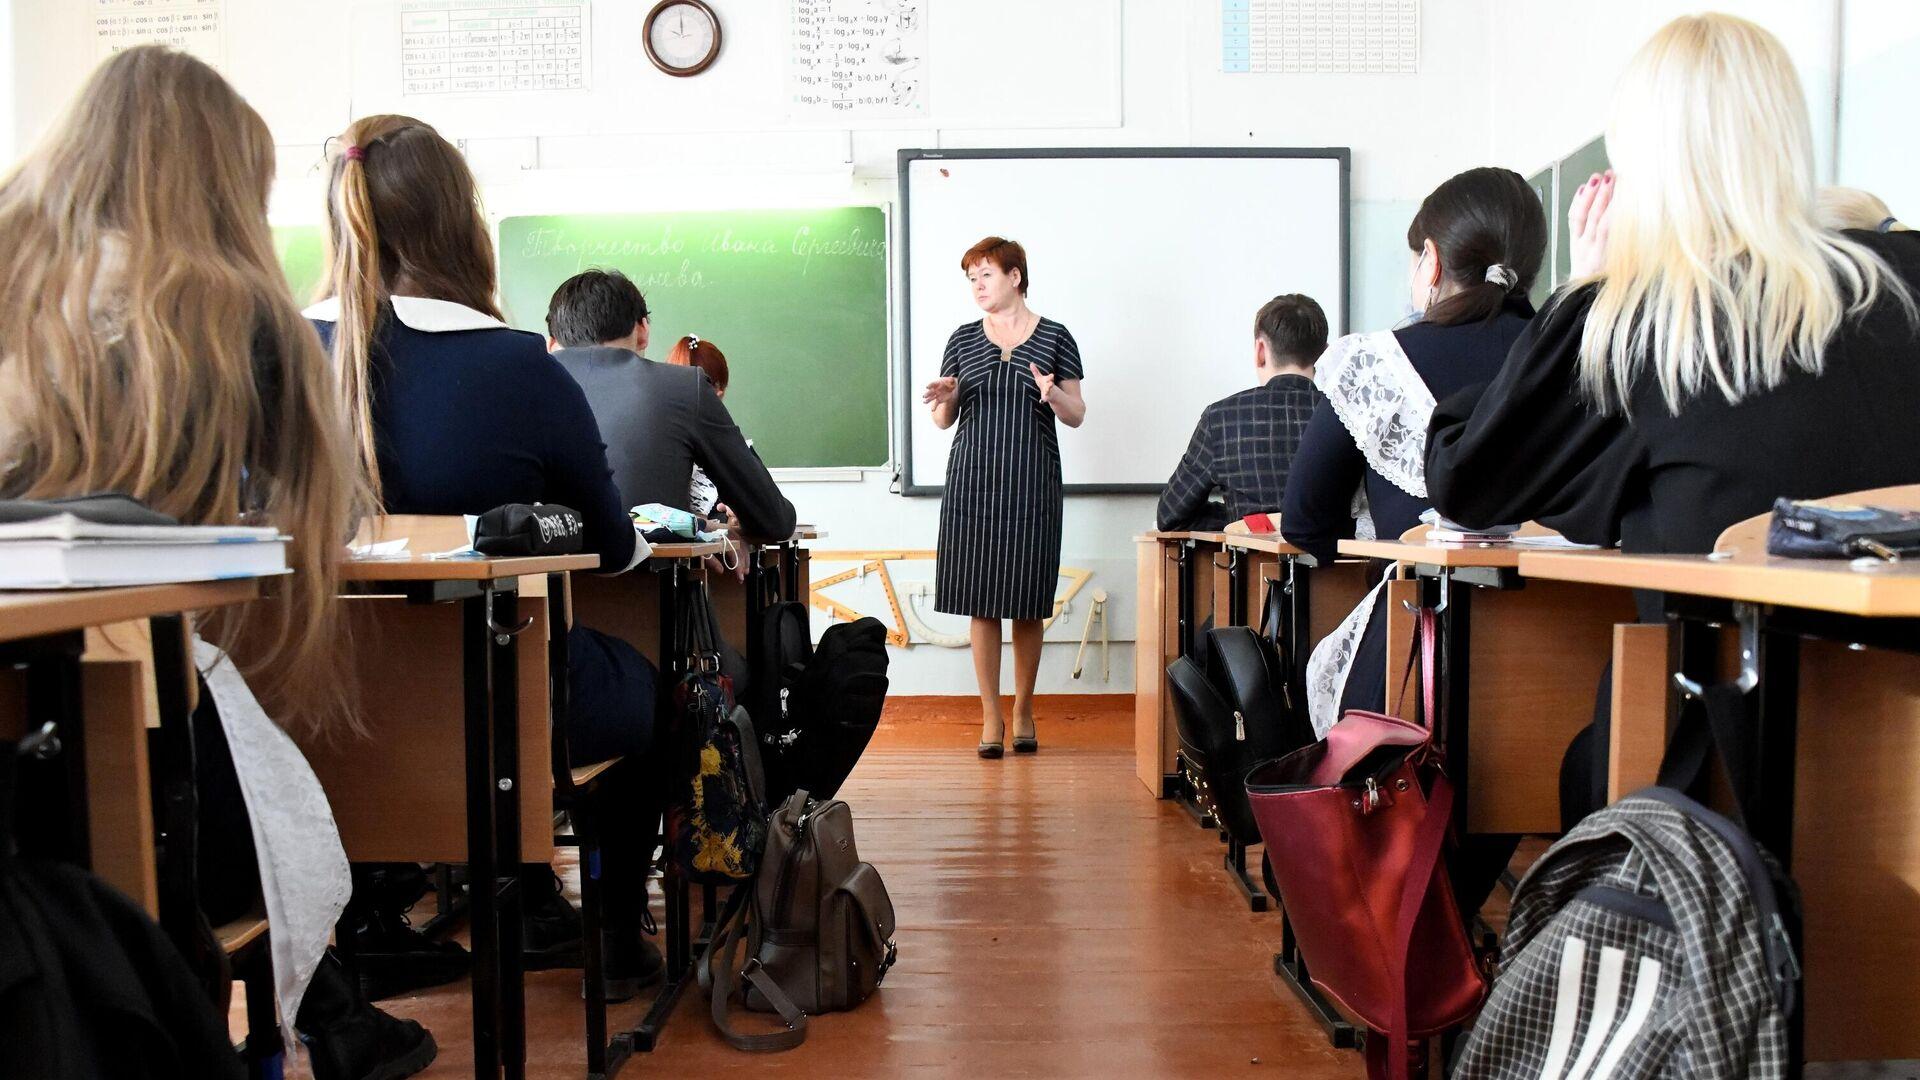 Учащиеся во время урока в общеобразовательной школе №42 города Читы - РИА Новости, 1920, 09.12.2020